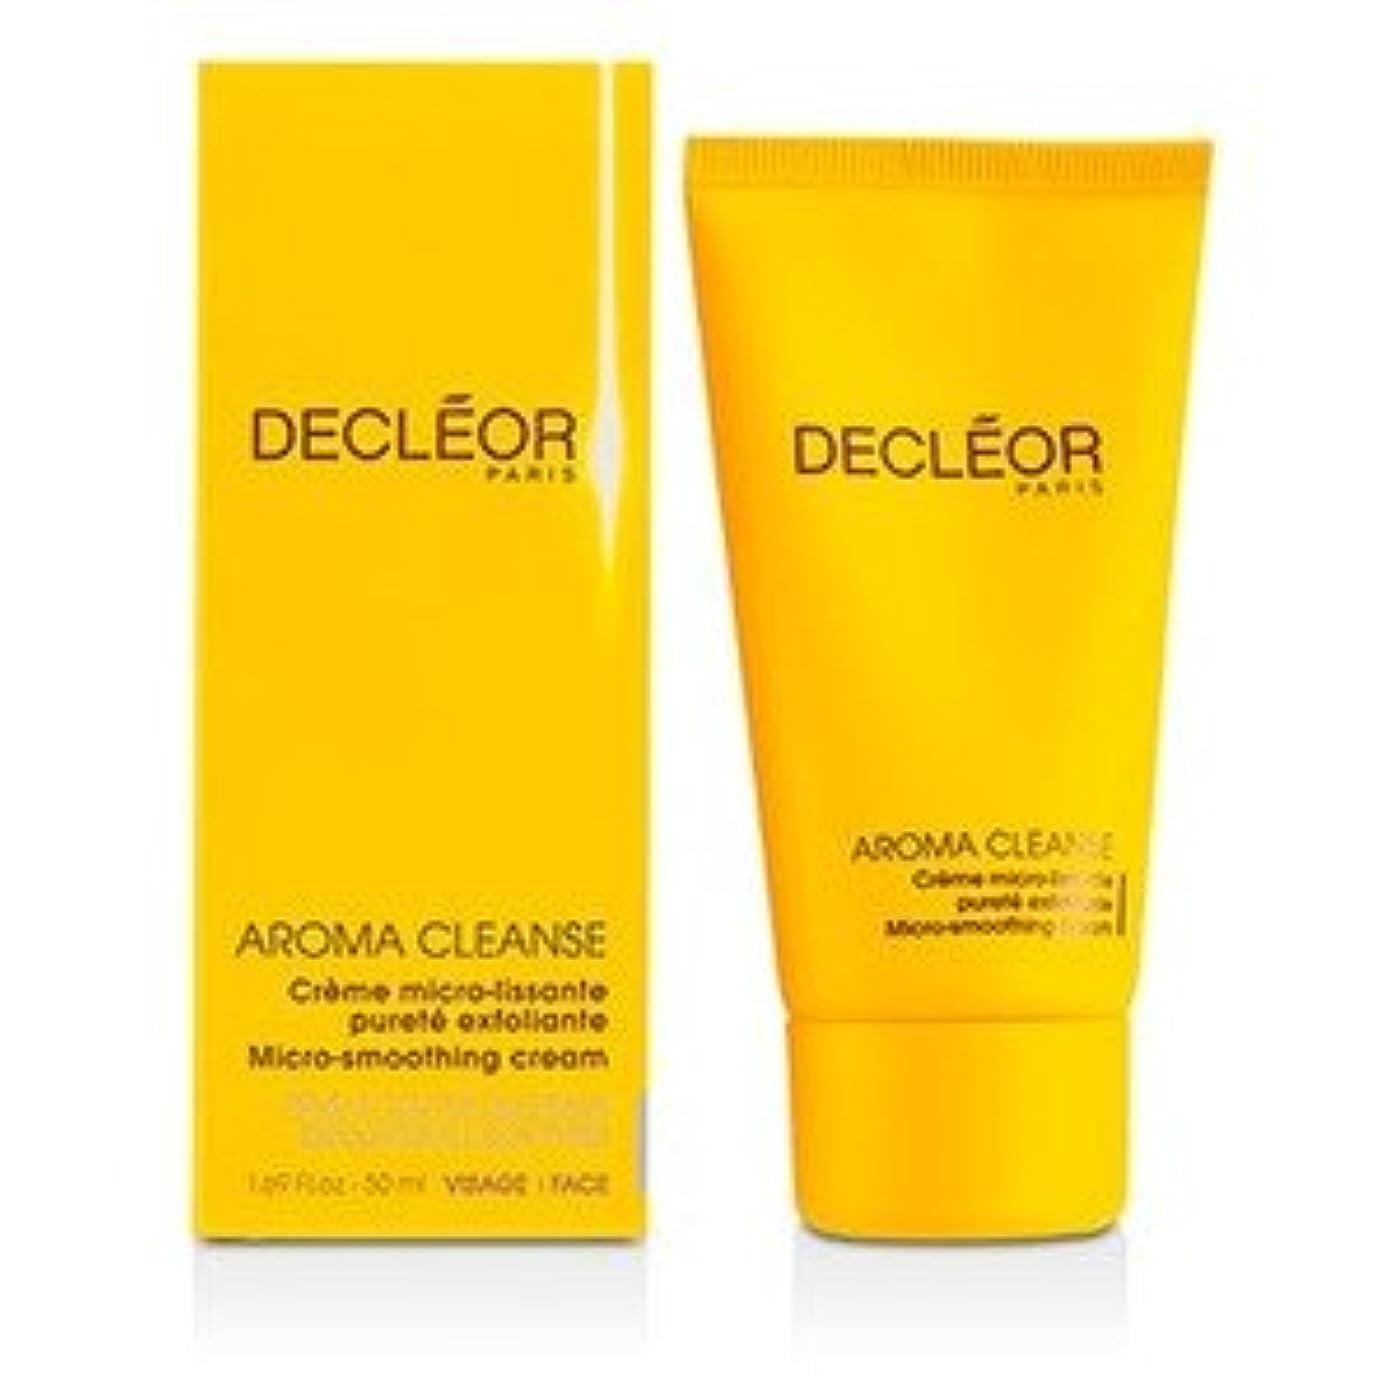 デクレオール[Decleor] ナチュラル マイクロ スムージングクリーム 50ml/1.69oz [並行輸入品]